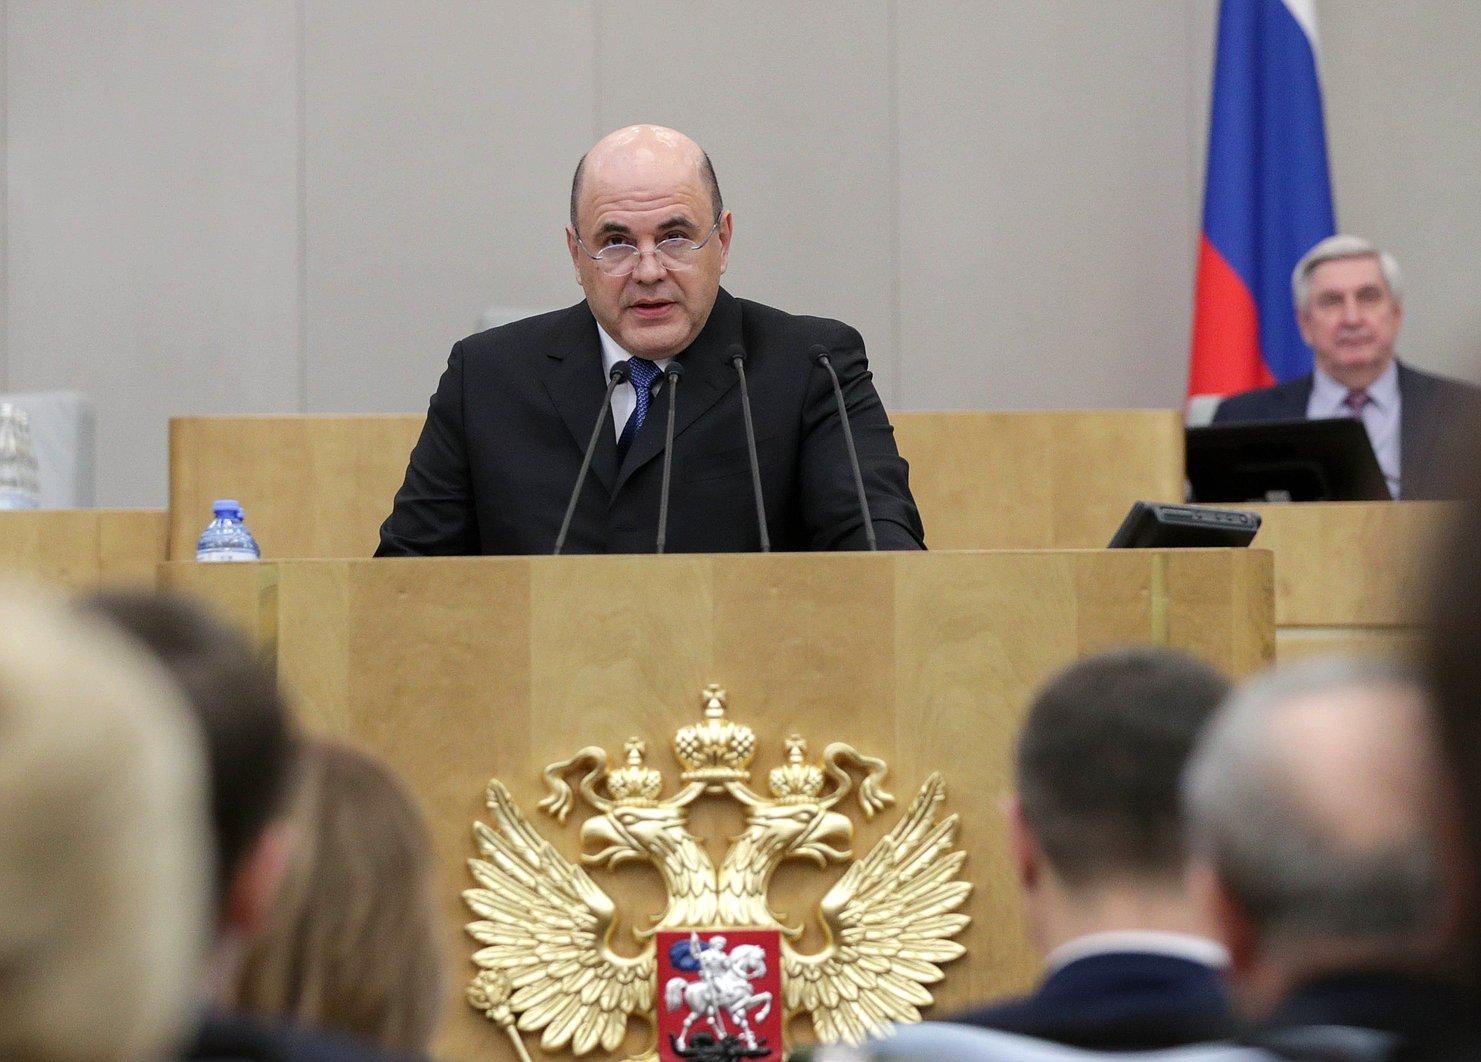 Госдума утвердила на должность премьер-министра России Михаила Мишустина